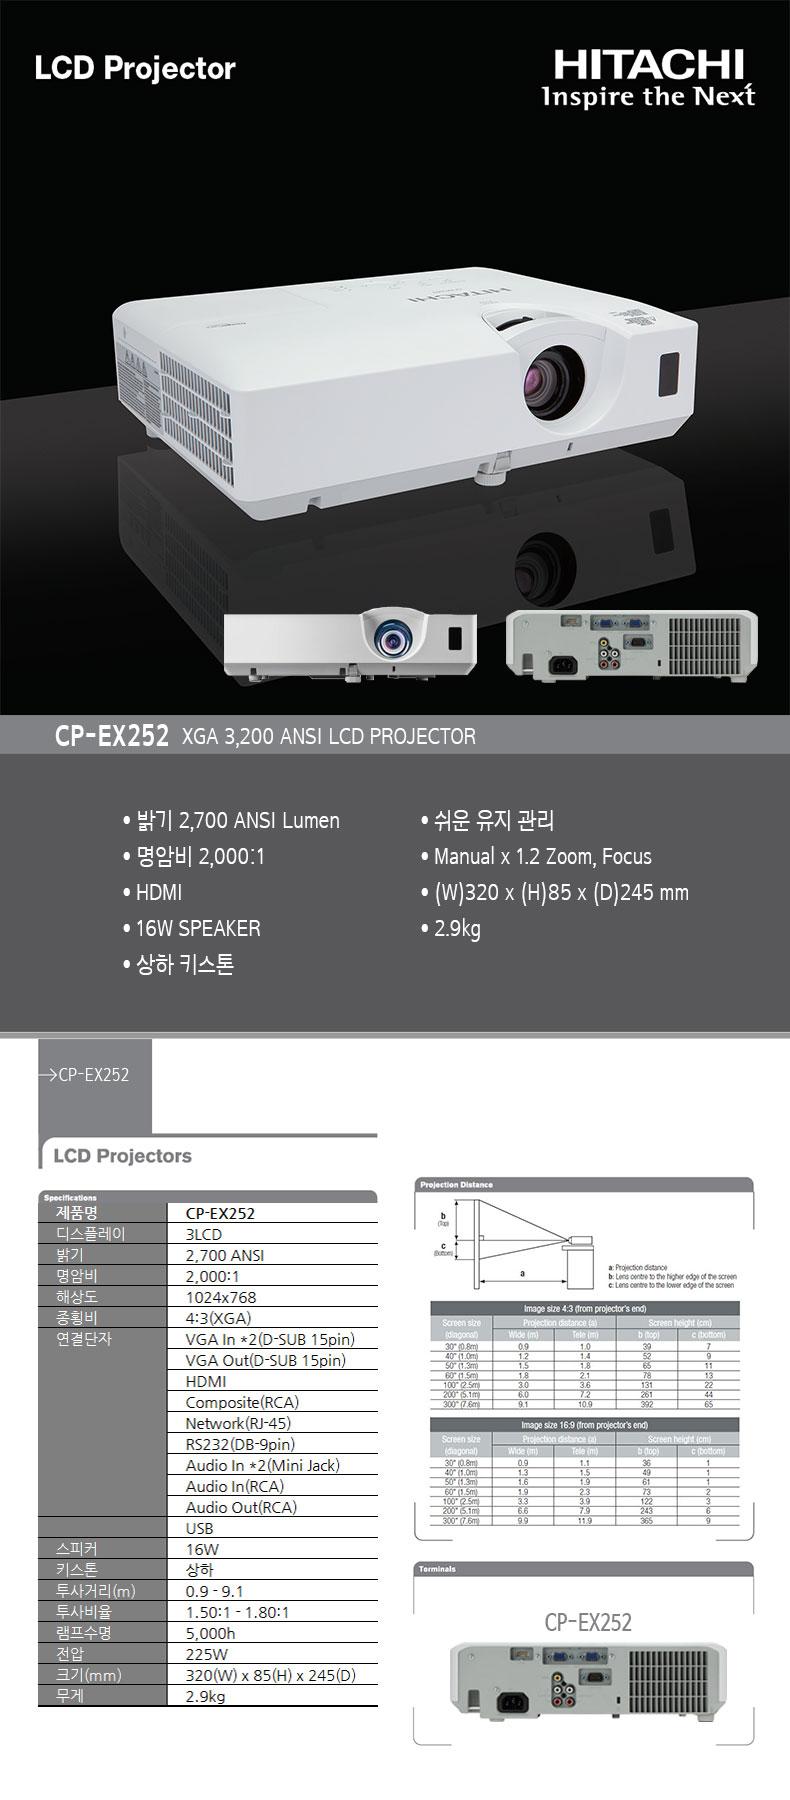 히타치 LCD 프로젝터 CP-EX252